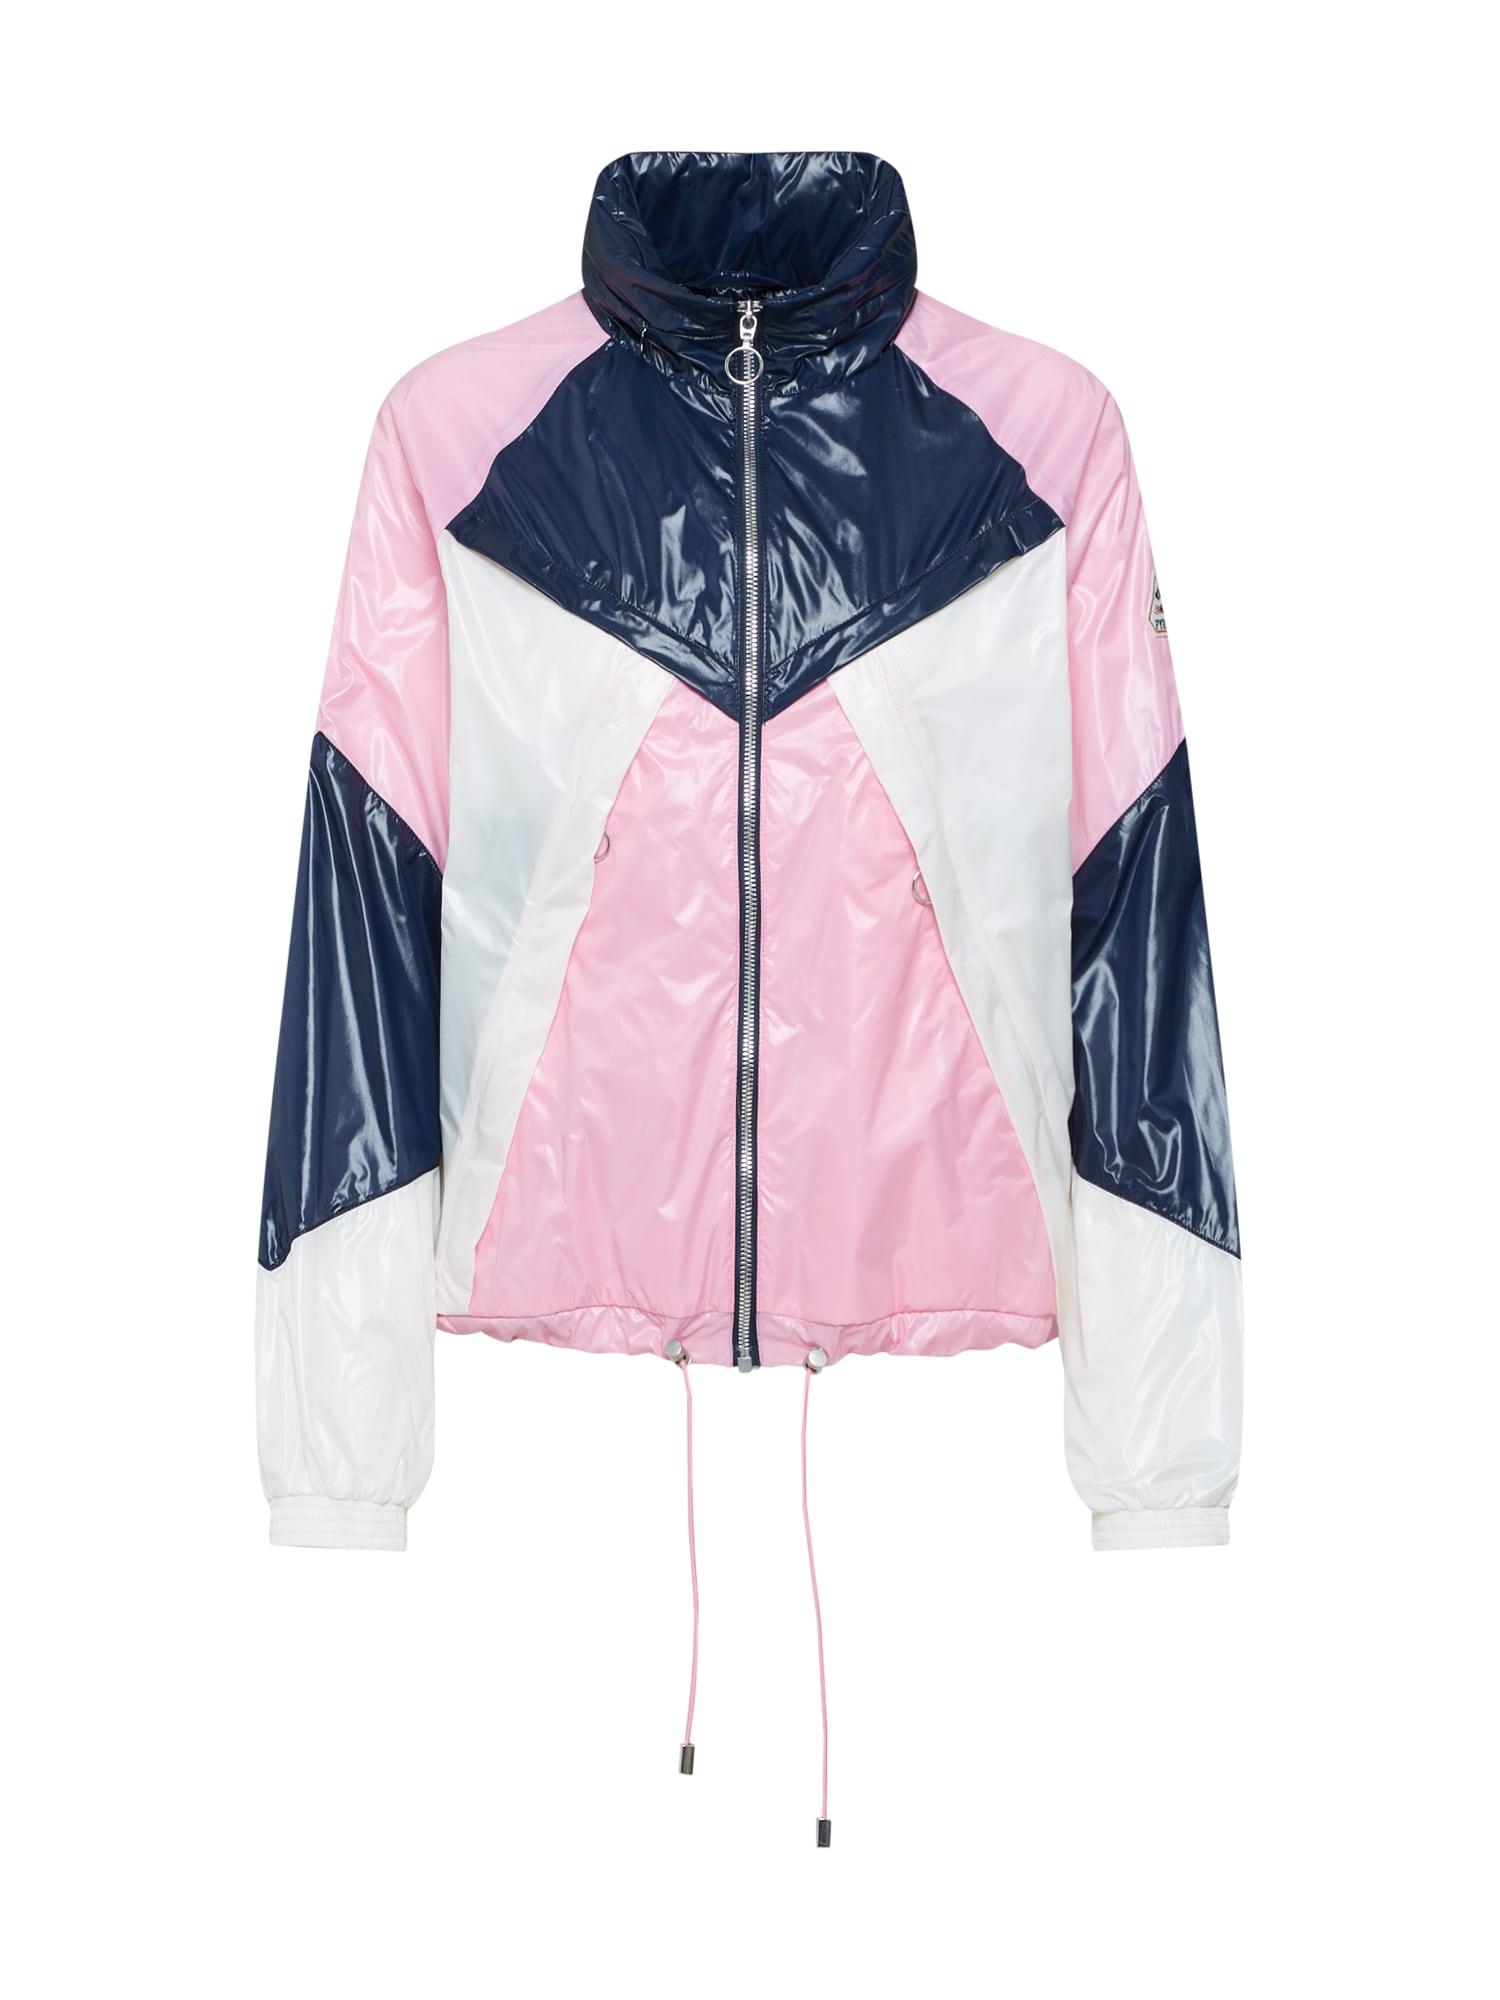 Přechodná bunda Motola námořnická modř růžová bílá PYRENEX